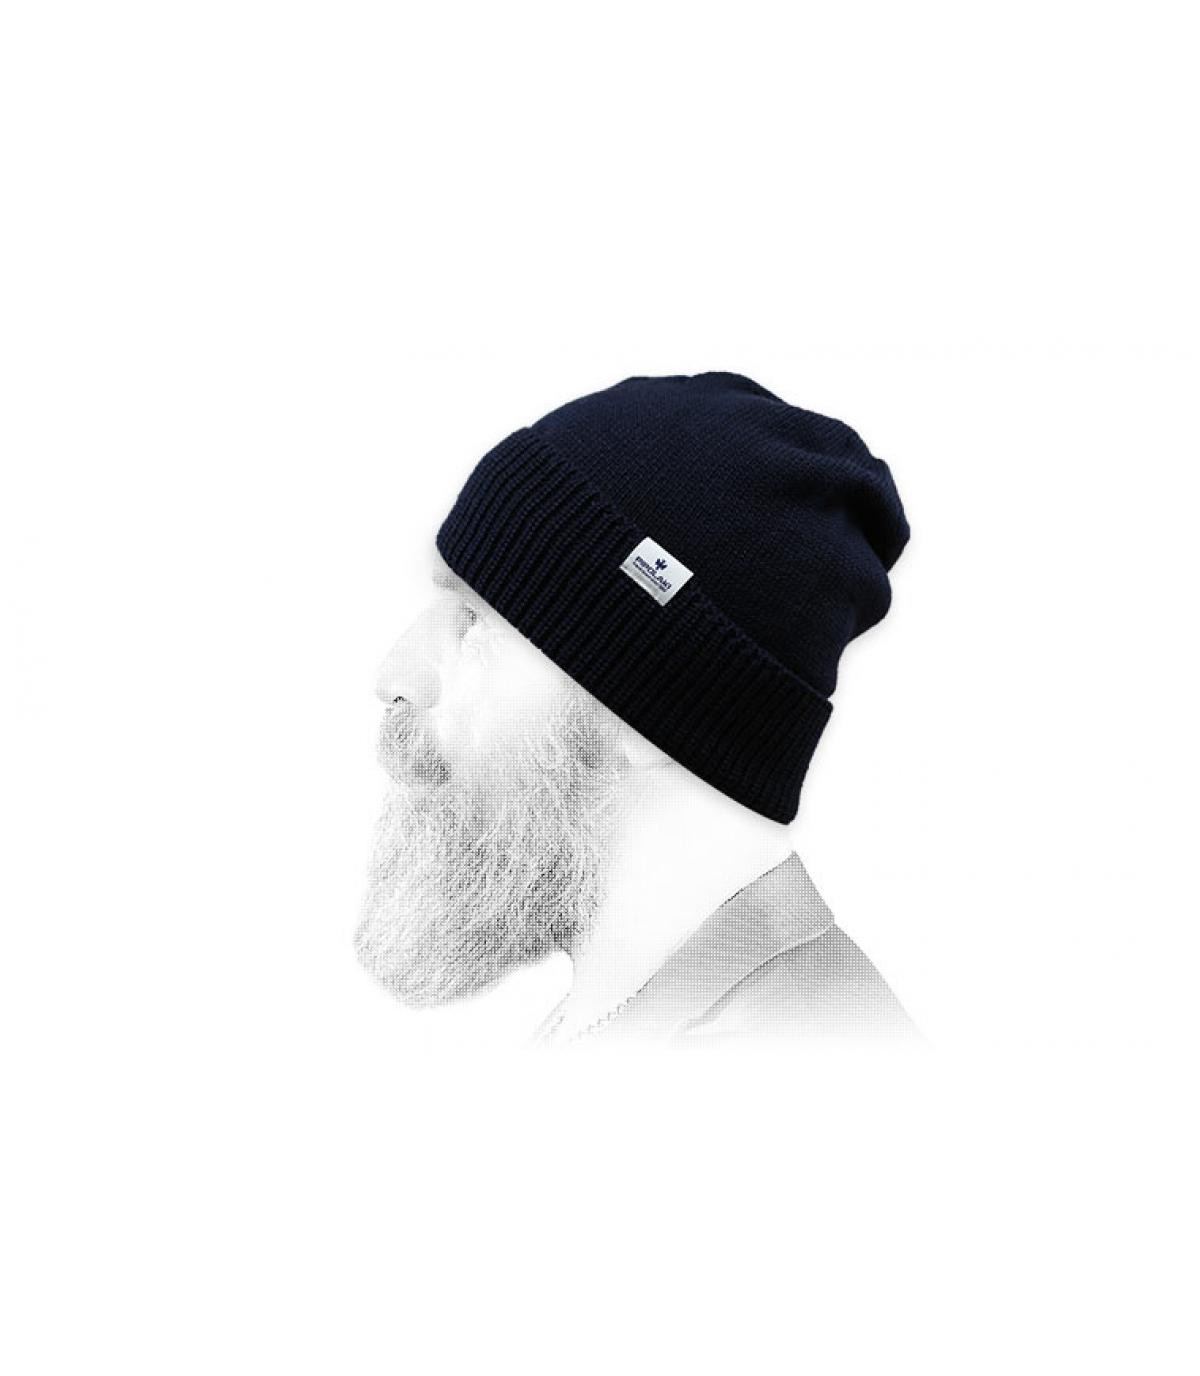 Mütze Rand marineblau